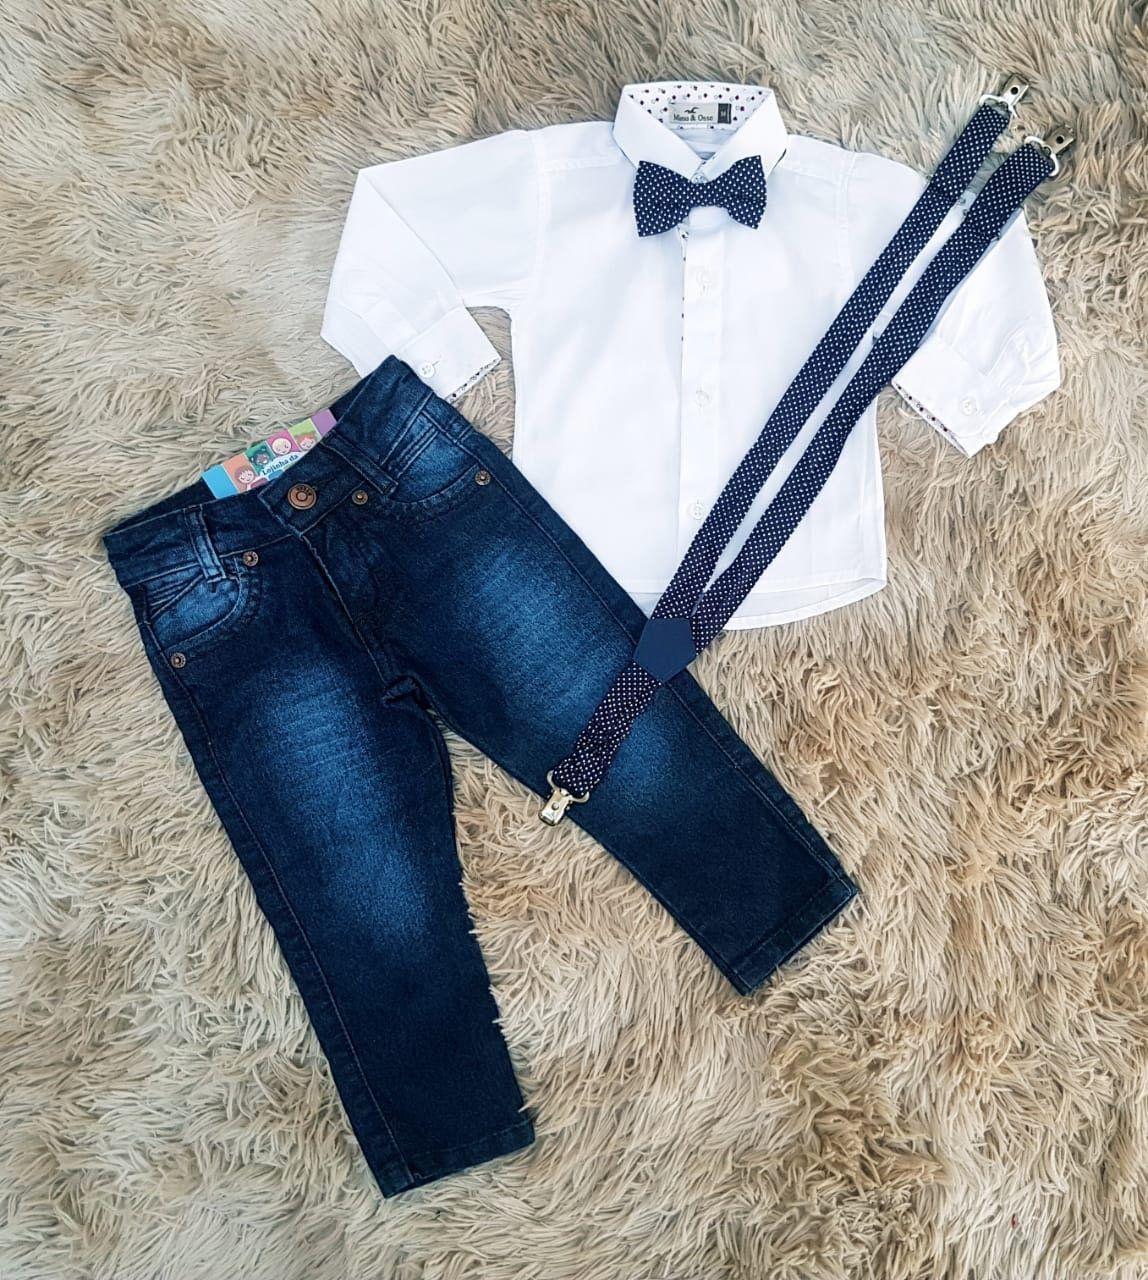 Calça Jeans com Suspensório e Camisa Social Branca Manga Longa com Gravata